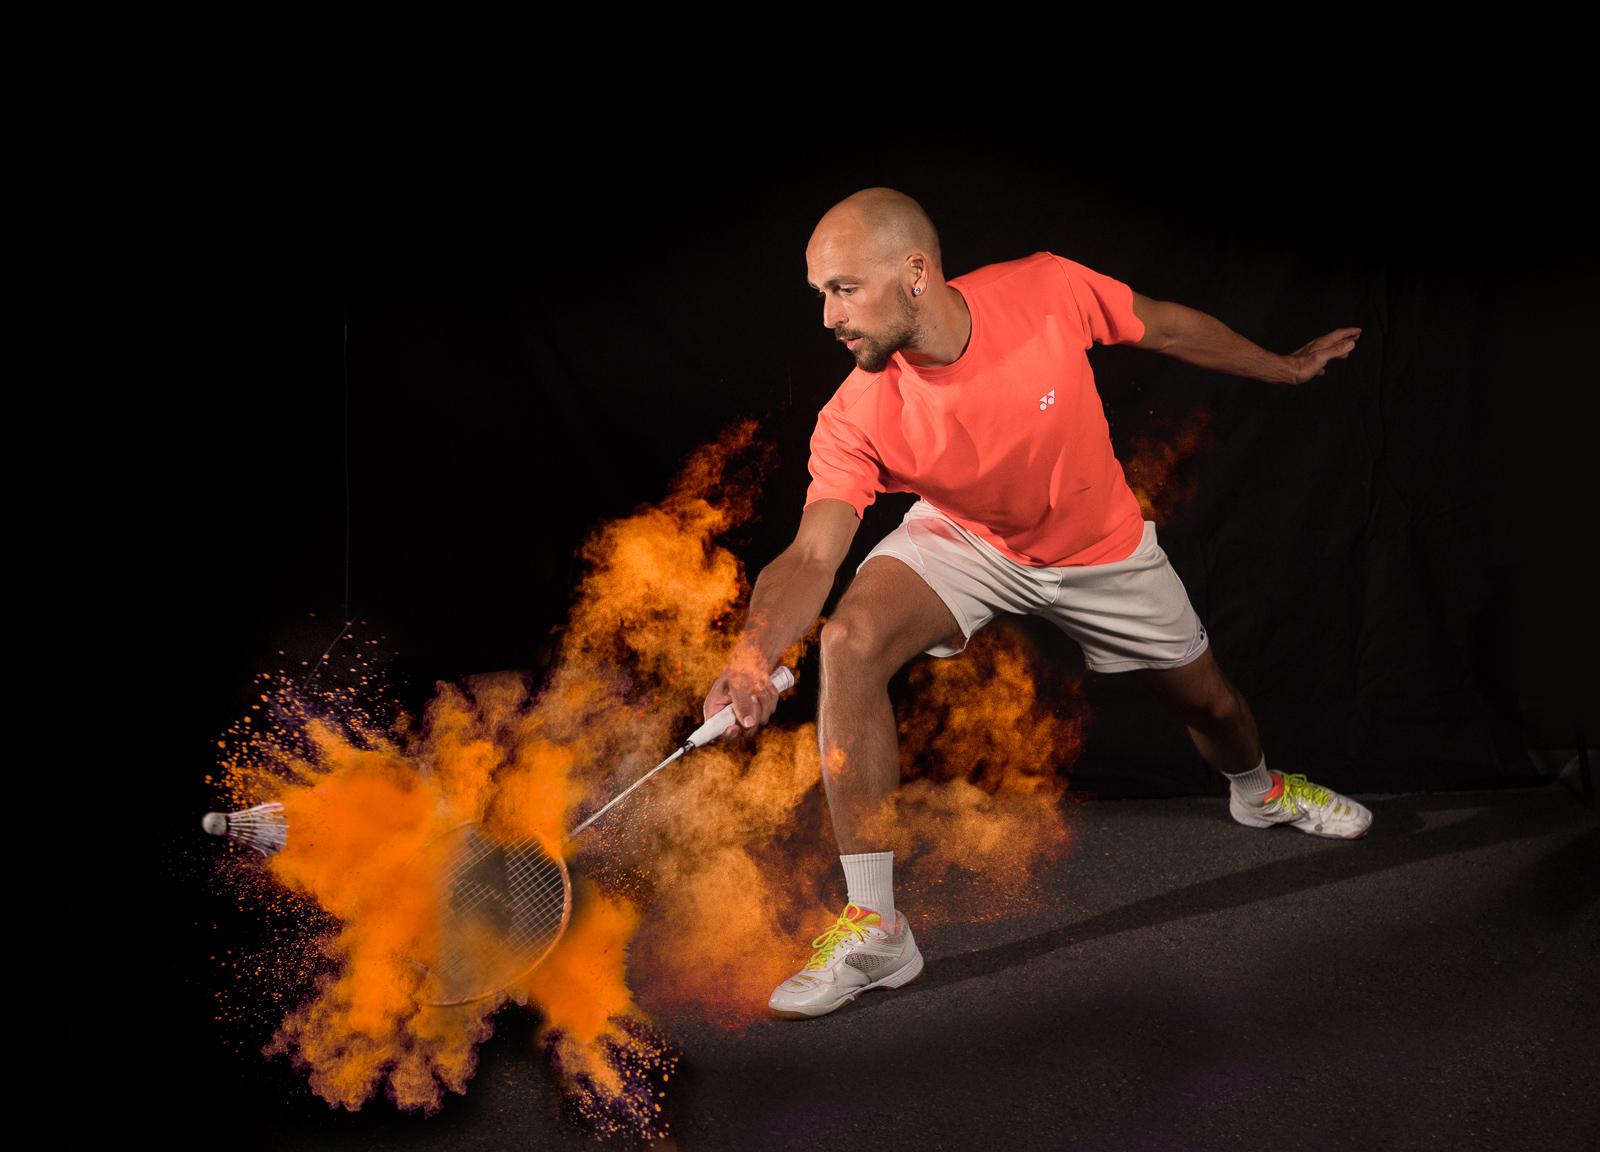 Vincent Espen - Badminton - © Vincent Kriéger